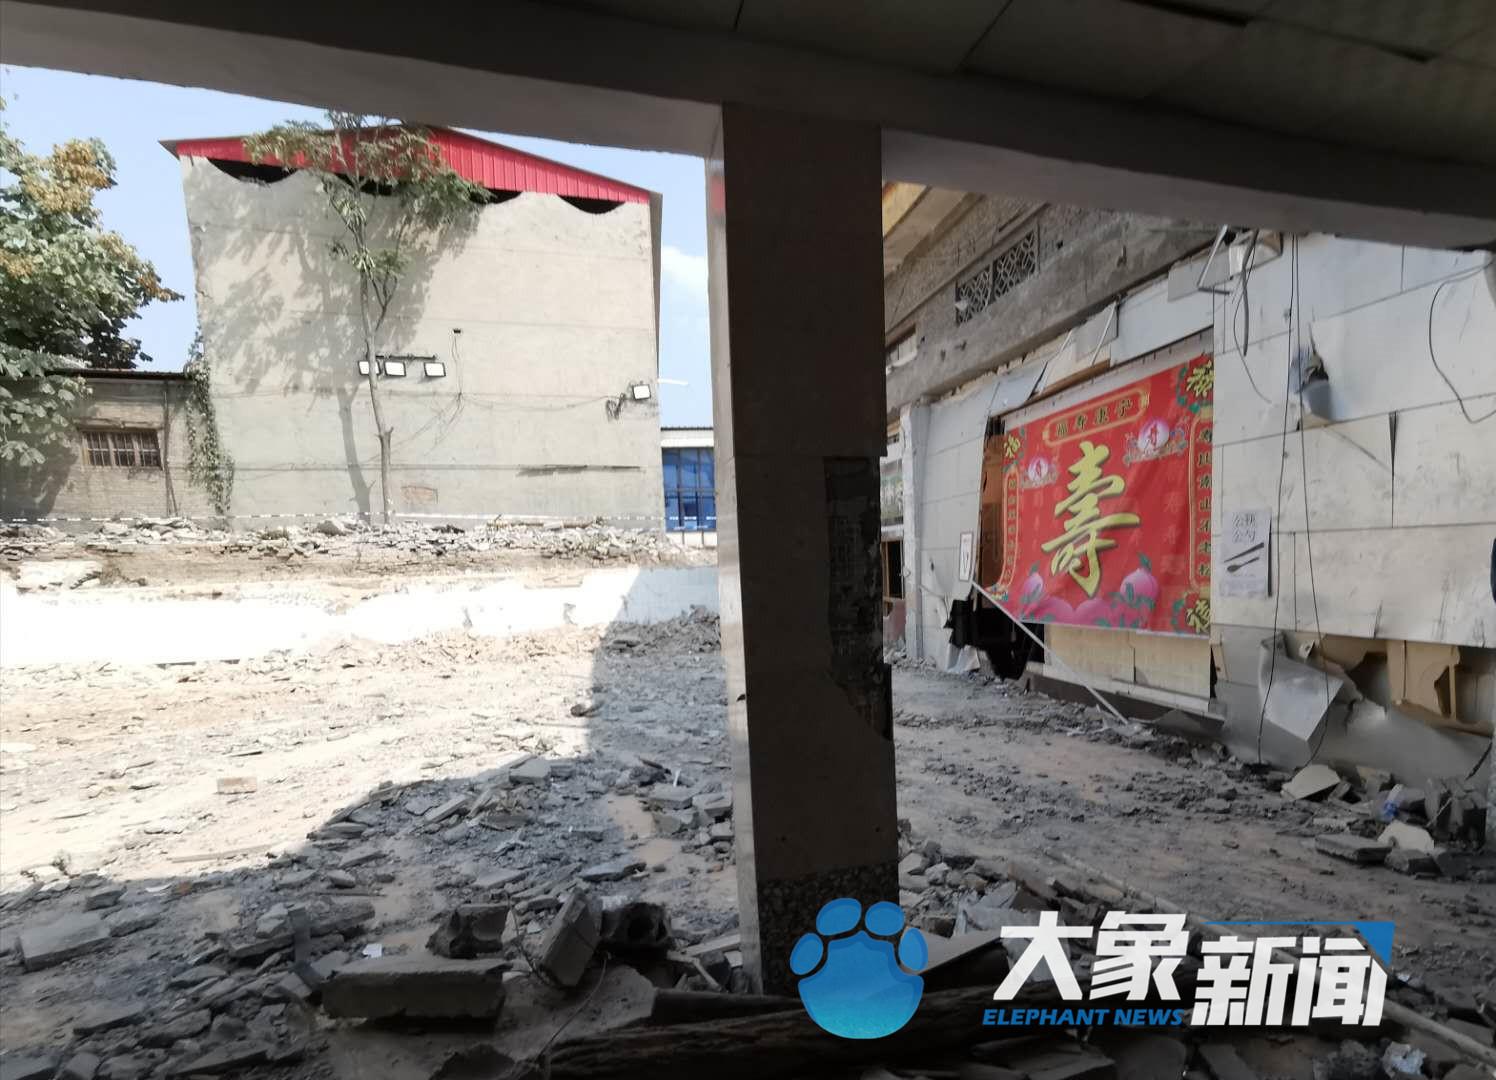 山西襄汾坍塌饭店老板亲戚:一家人都没事 老板正协助警方调查